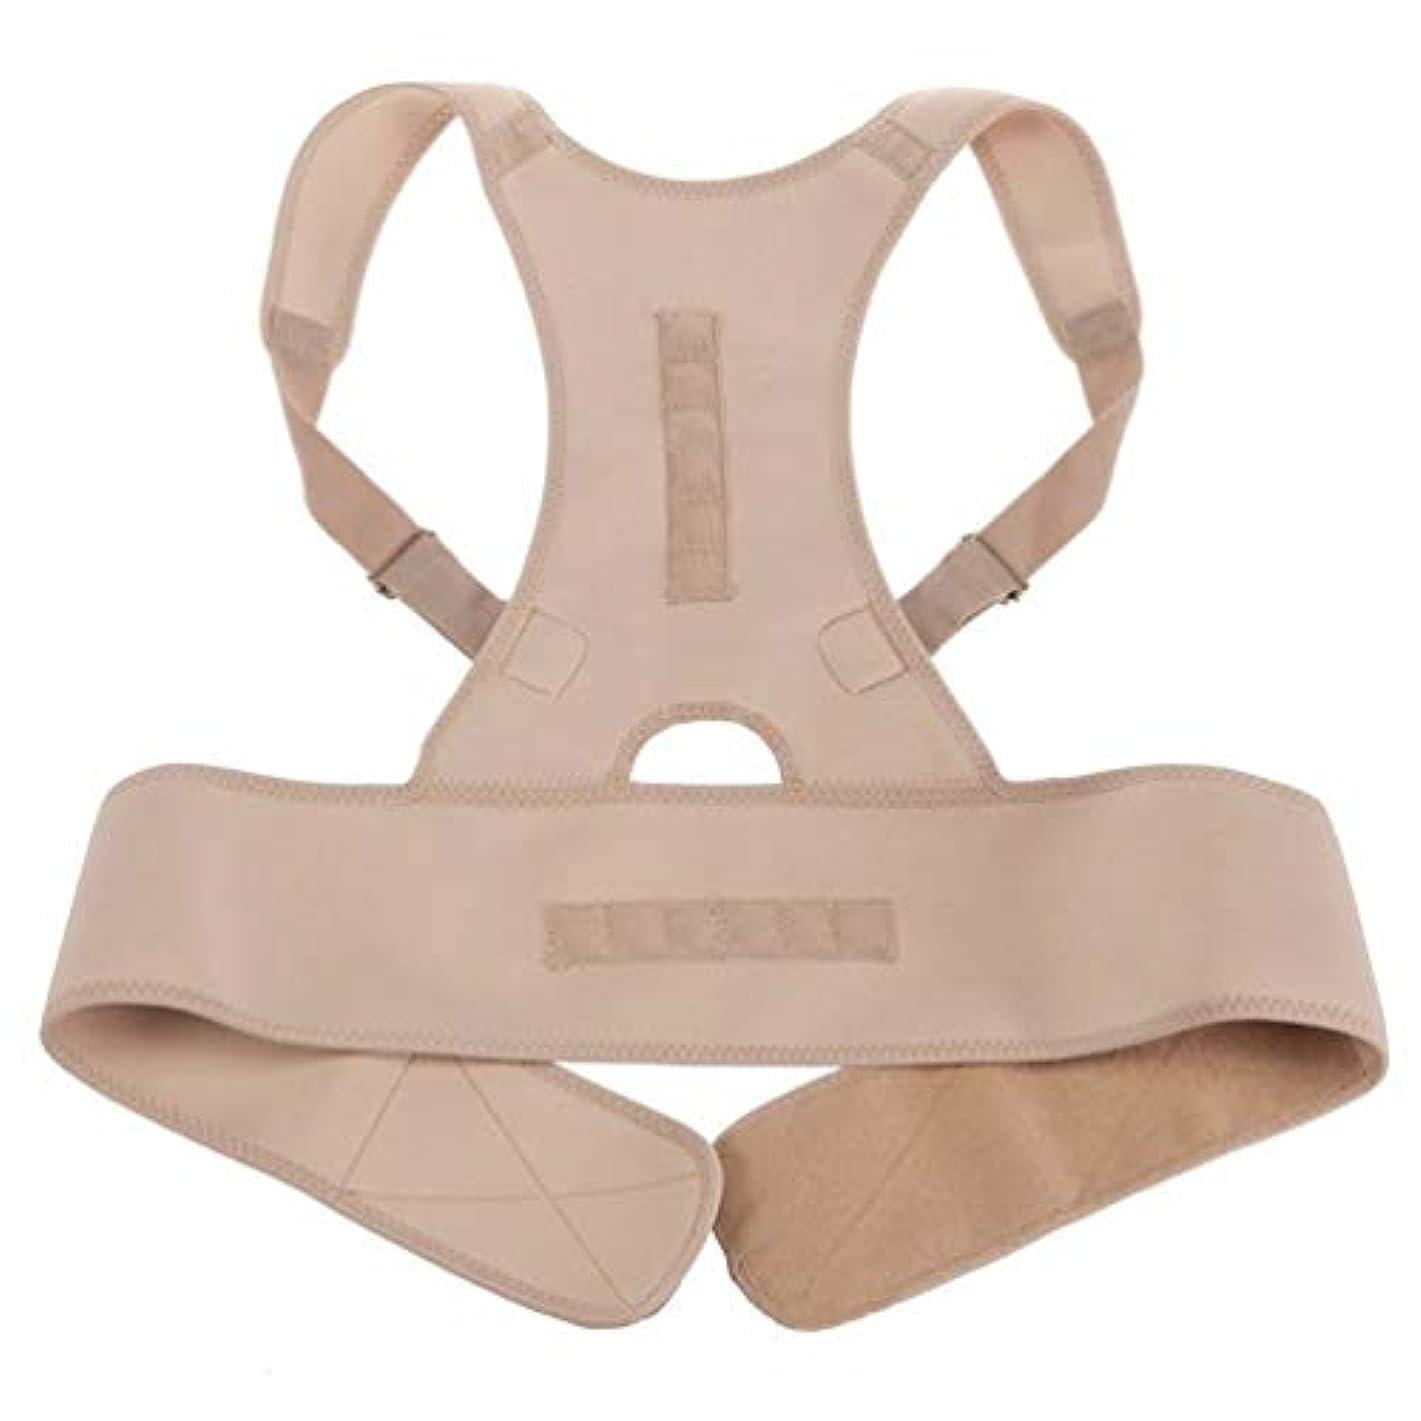 赤ちゃん転倒検証ネオプレン磁気姿勢補正機能バッドバックランバーショルダーサポート腰痛ブレースバンドベルトユニセックス快適な着用 - 肌の色L/XL